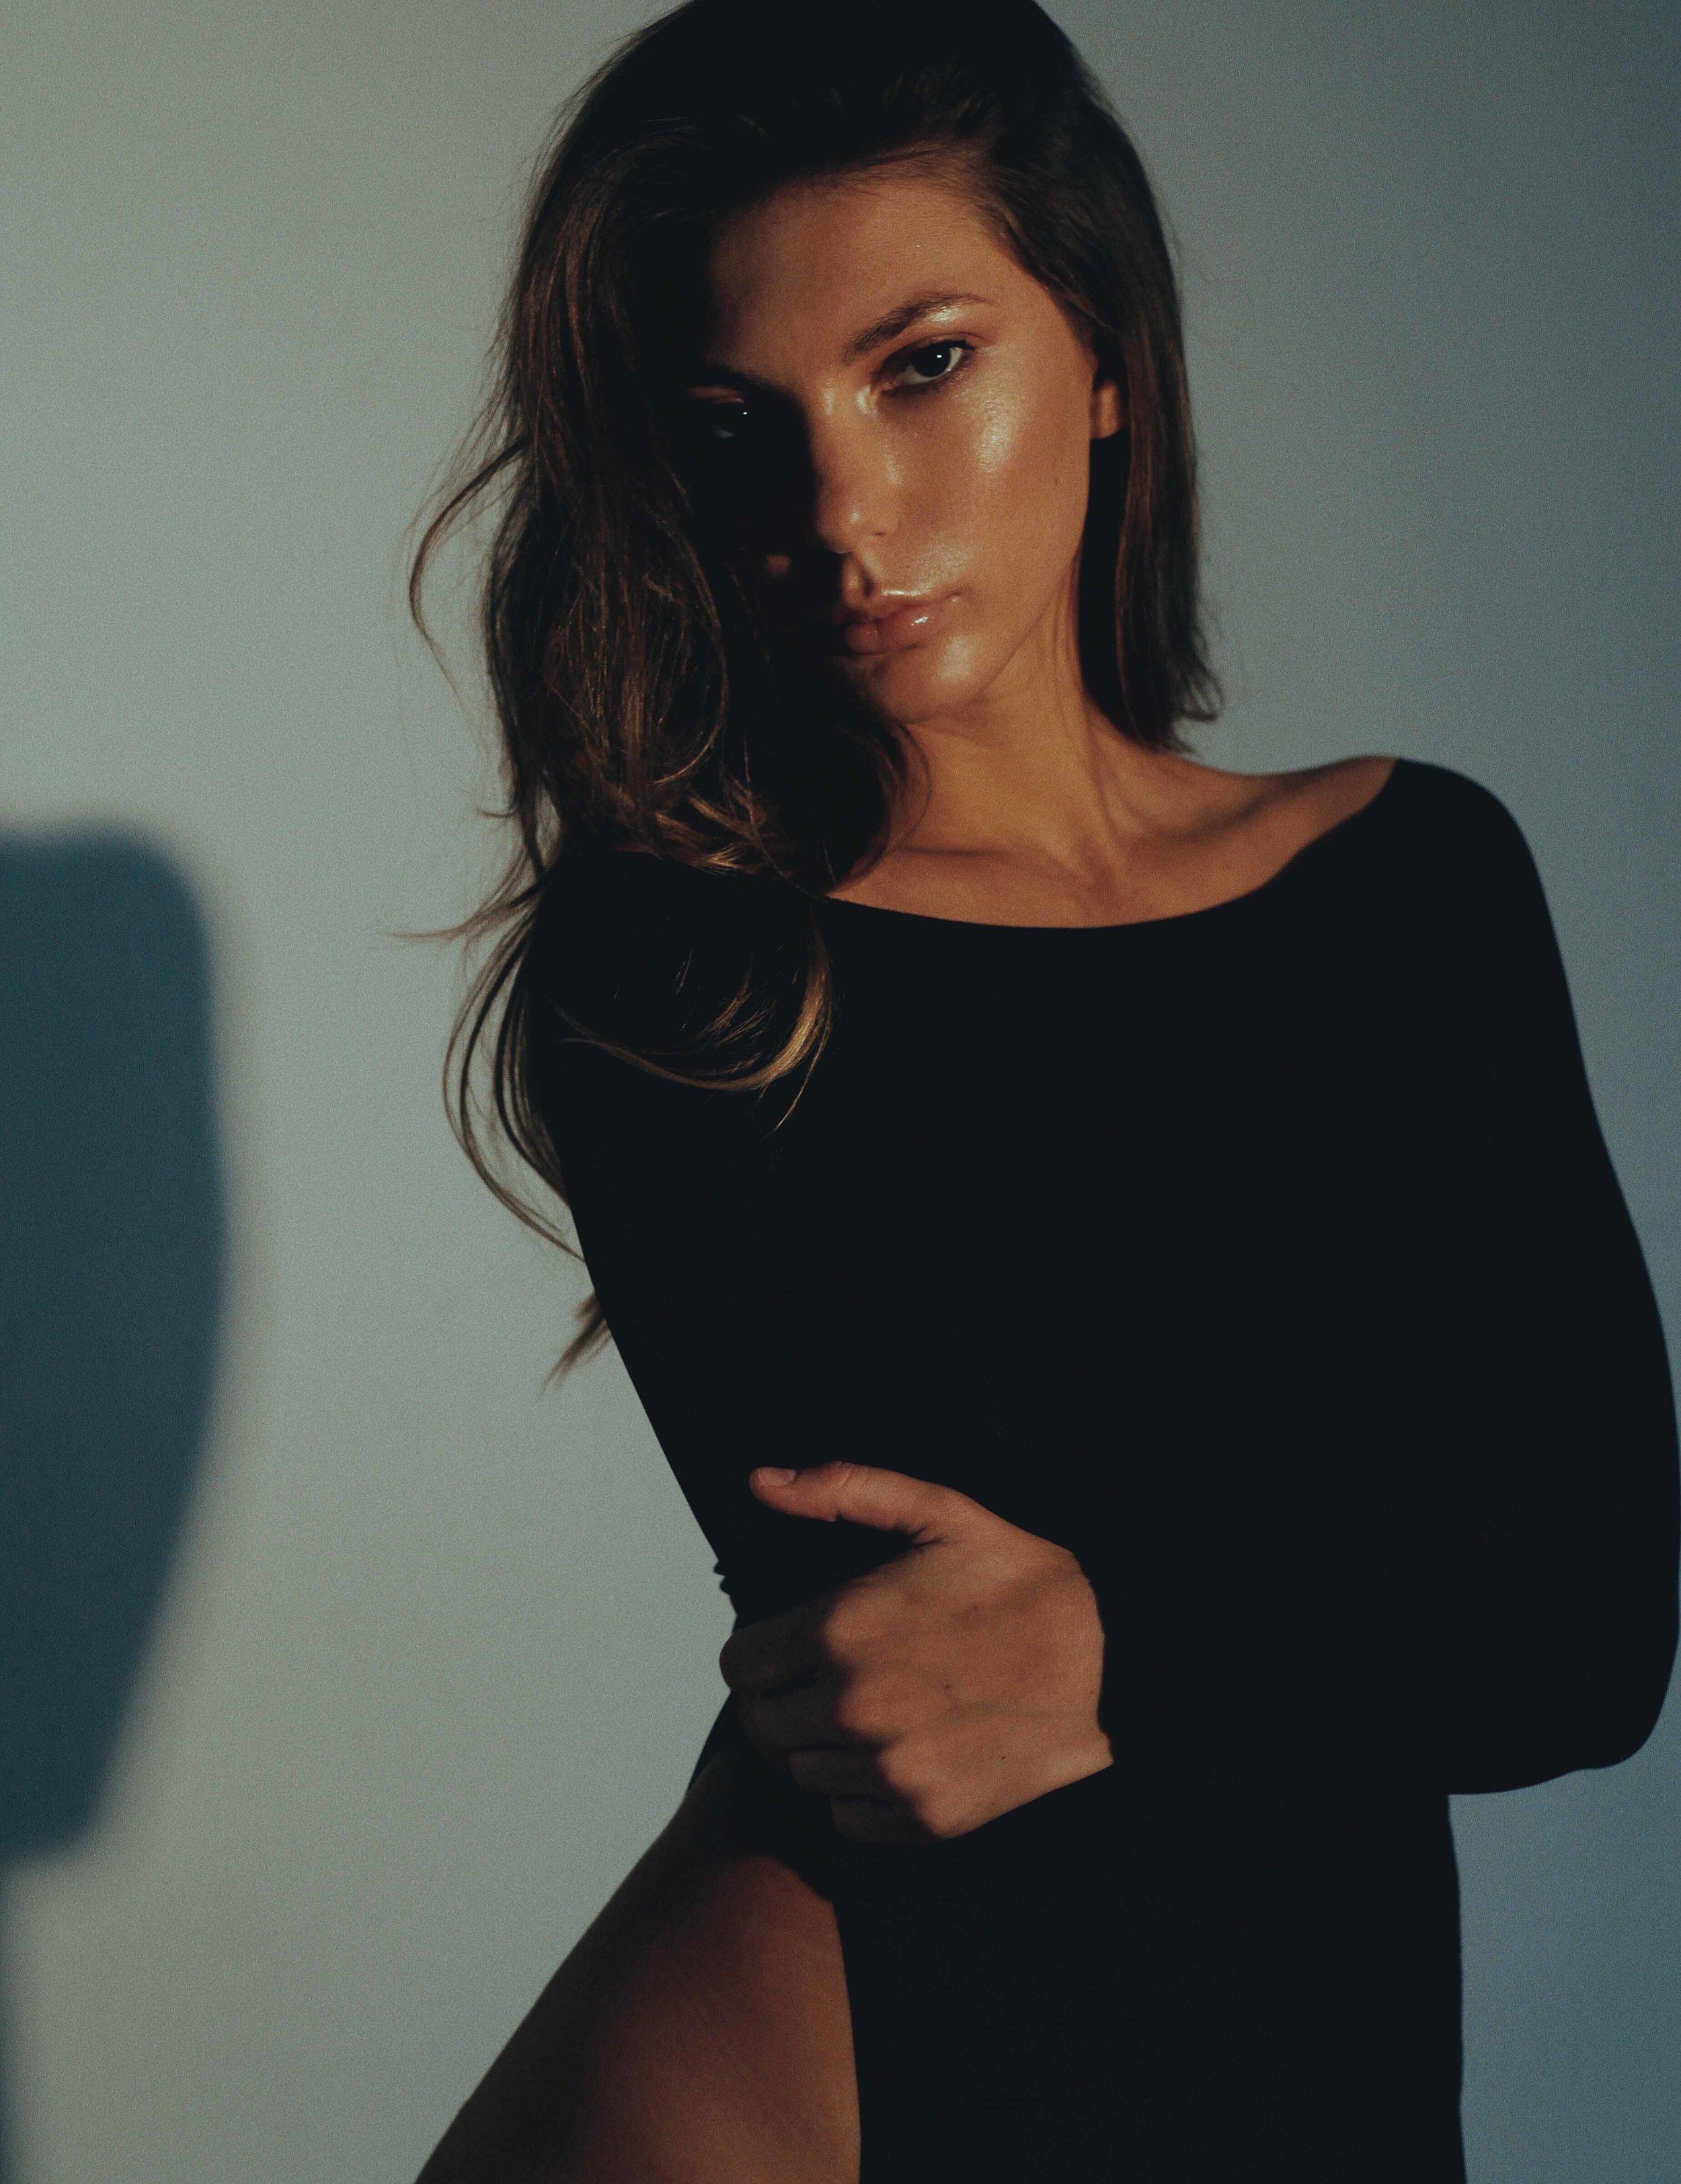 Christina Russu by Alisha Gaf